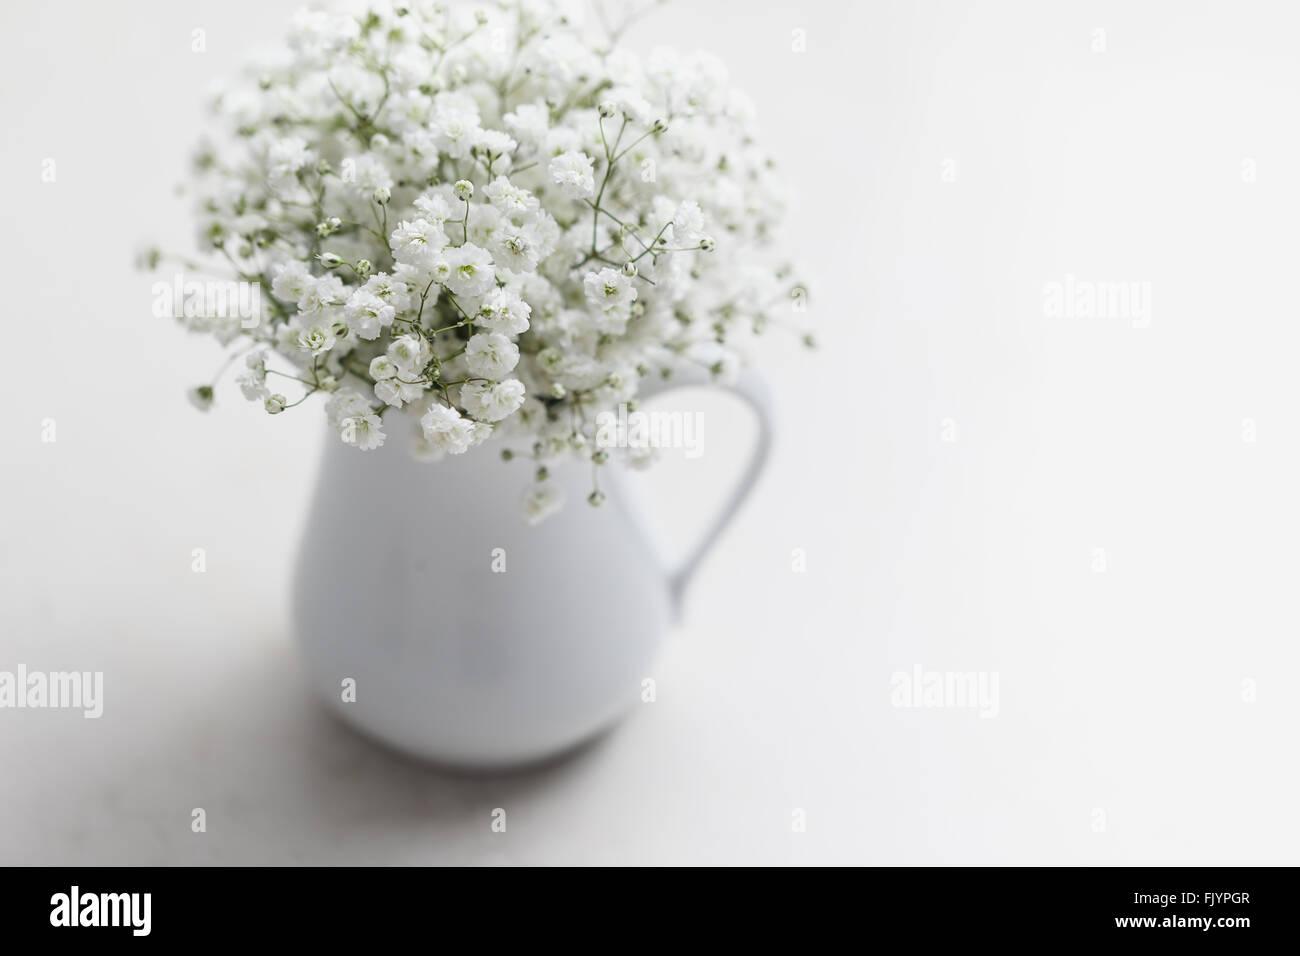 Weiße Schleierkraut Blumen (Schleierkraut) in weiße vase Stockbild